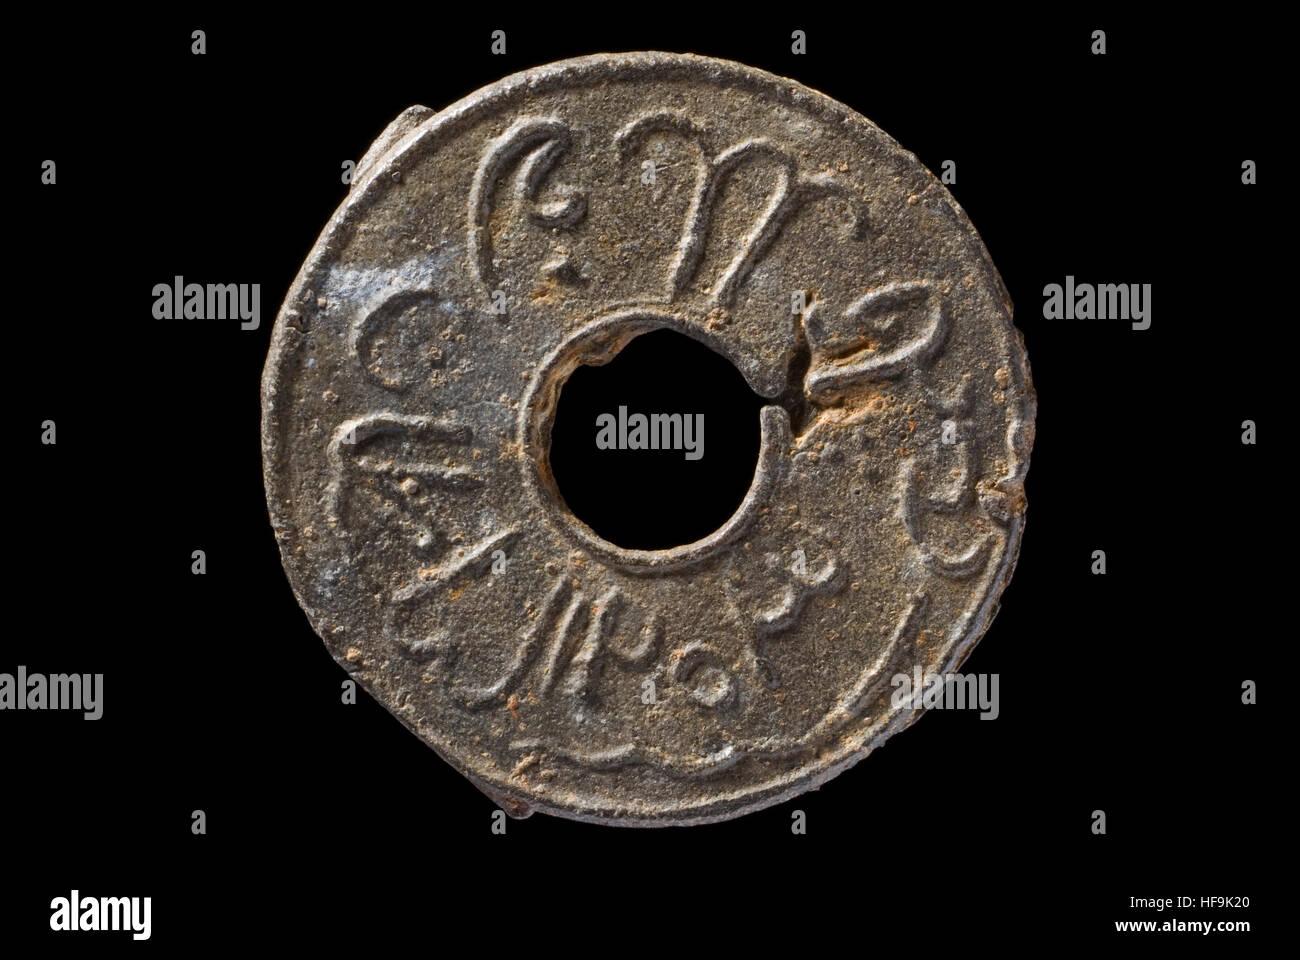 Palembang Tin Pitis Coin - Stock Image